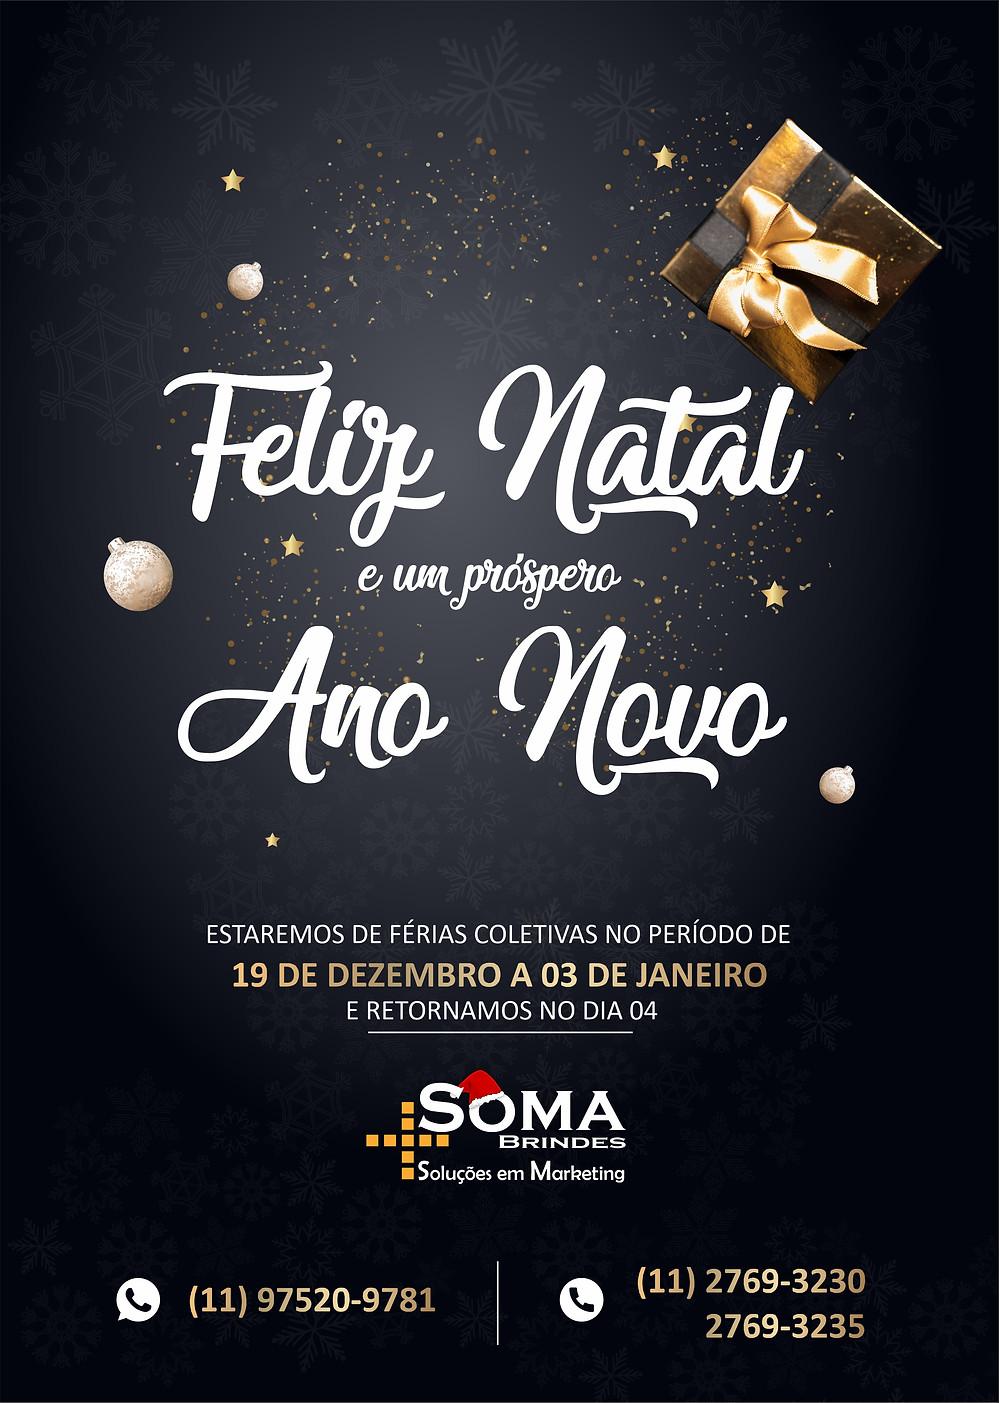 A SOMA Brindes deseja a todos os clientes um Feliz Natal e um Próspero 2021! Estaremos em férias coletivas entre o dia 19 de dezembro ao dia 03 de janeiro, e retornamos nossas atividades no dia 04.